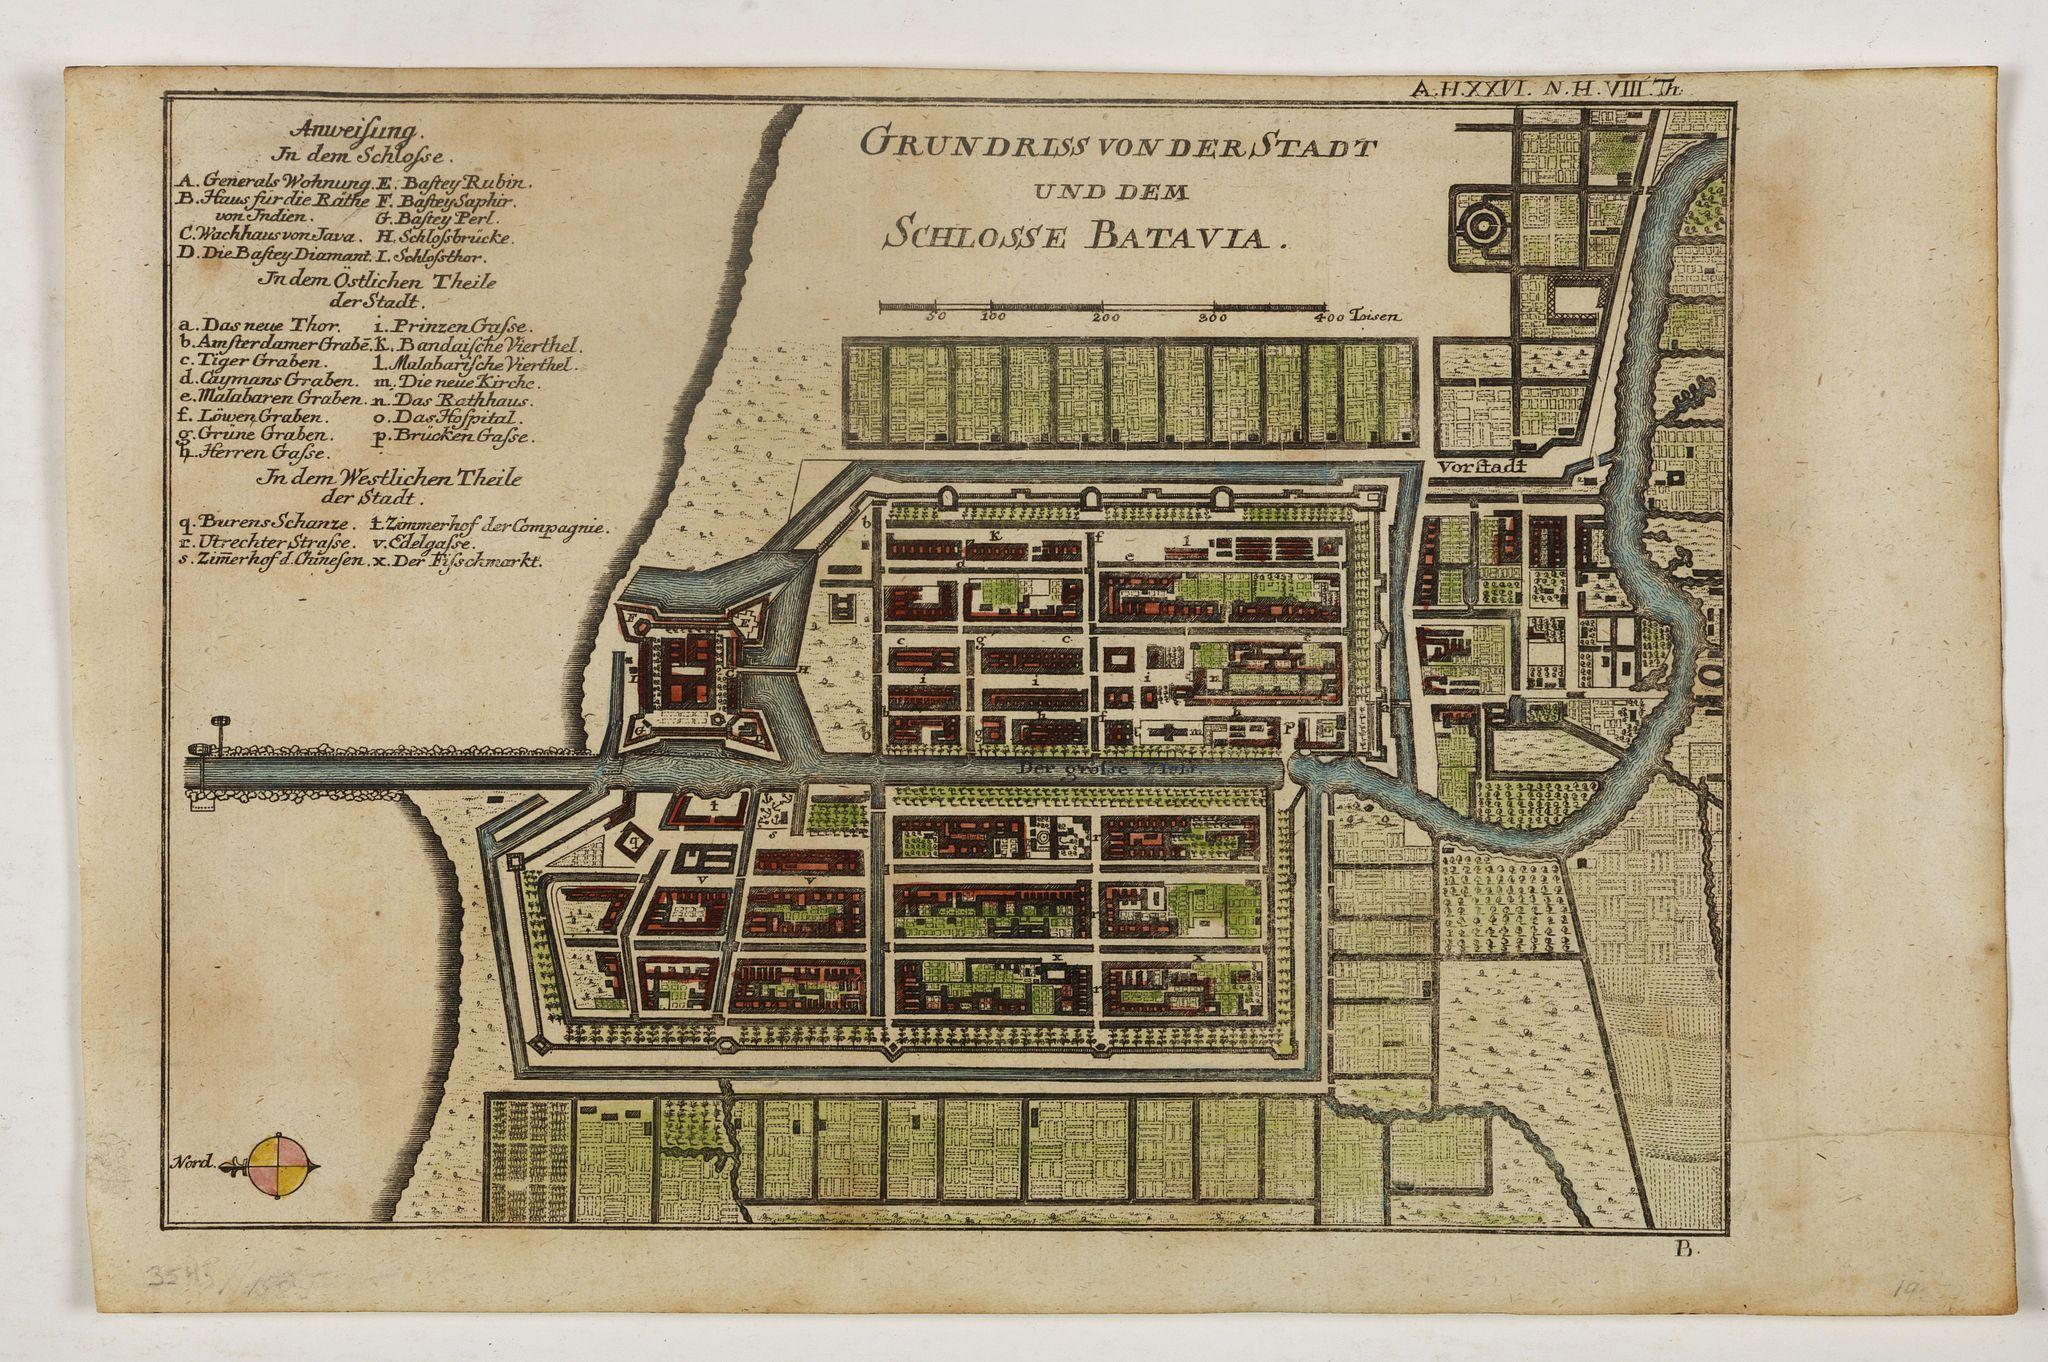 BAUMGARTEN, S.J. SEMLER, J.S. -  Grundriss von der Stadt und dem Schlosse Batavia.